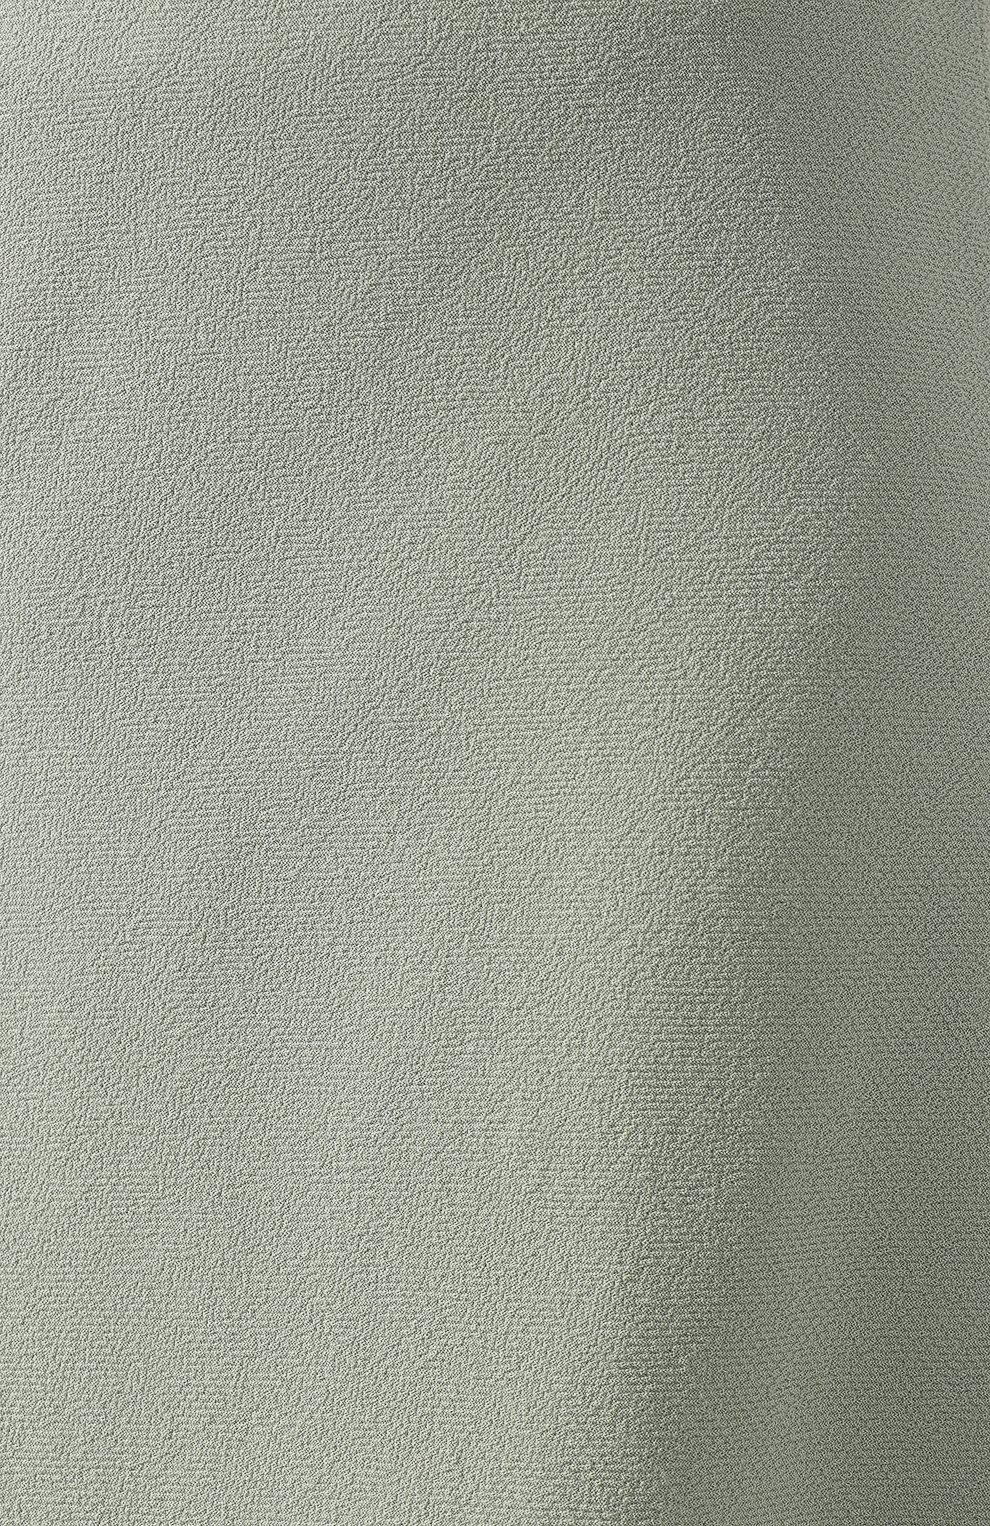 Женская шерстяная юбка JM STUDIO зеленого цвета, арт. FW192018 | Фото 5